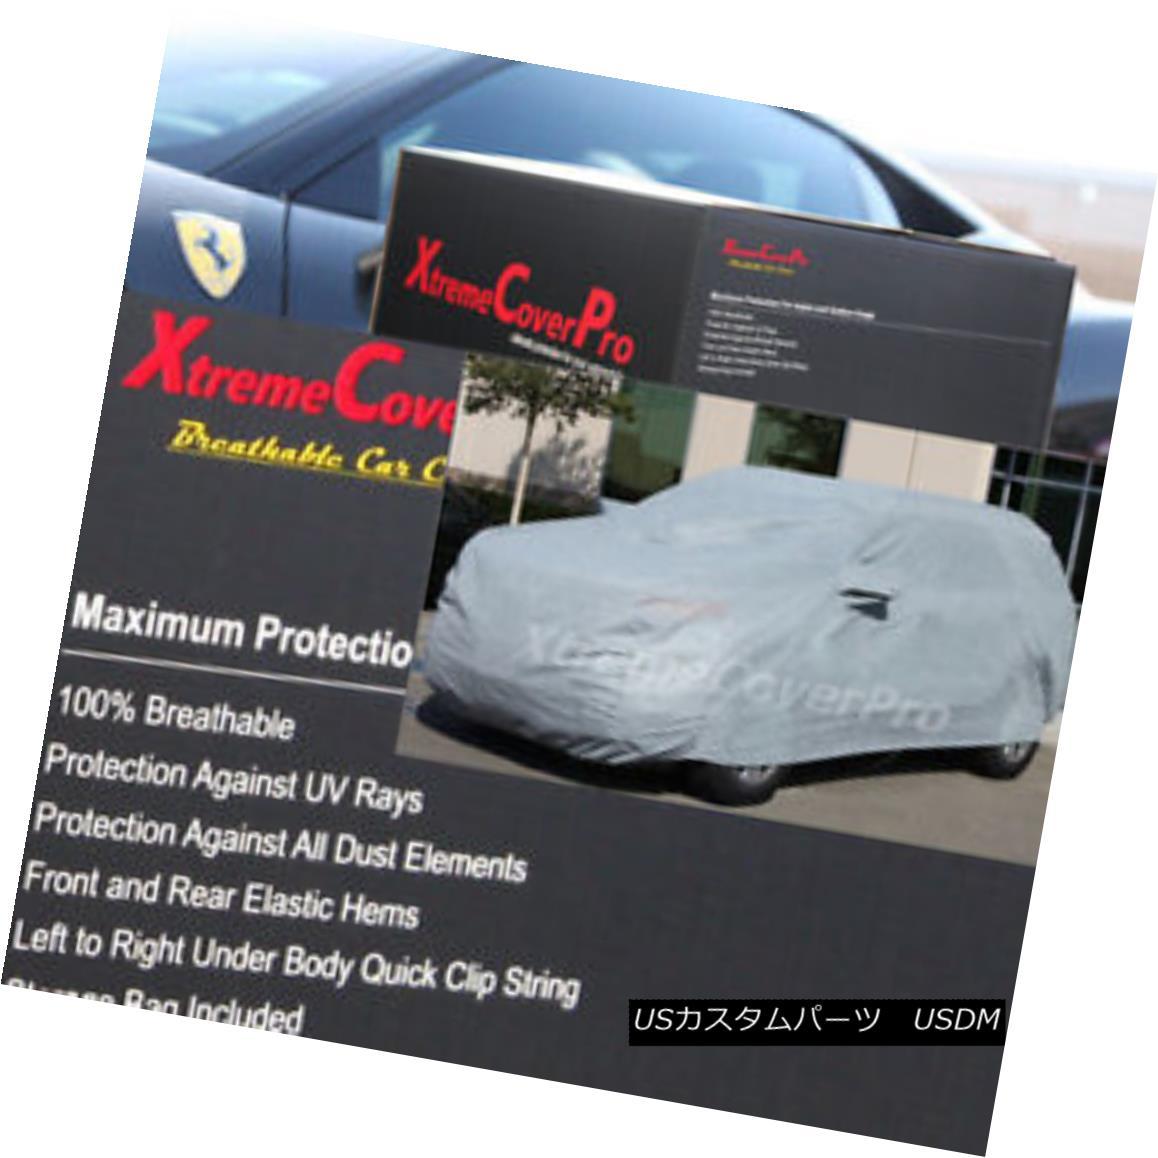 カーカバー 2004 2005 2006 2007 2008 2009 Dodge Durango Breathable Car Cover w/MirrorPocket 2004年2005年2006年2007年2008年2009年Dodge Durango通気性車カバー付き/ MirrorPocket